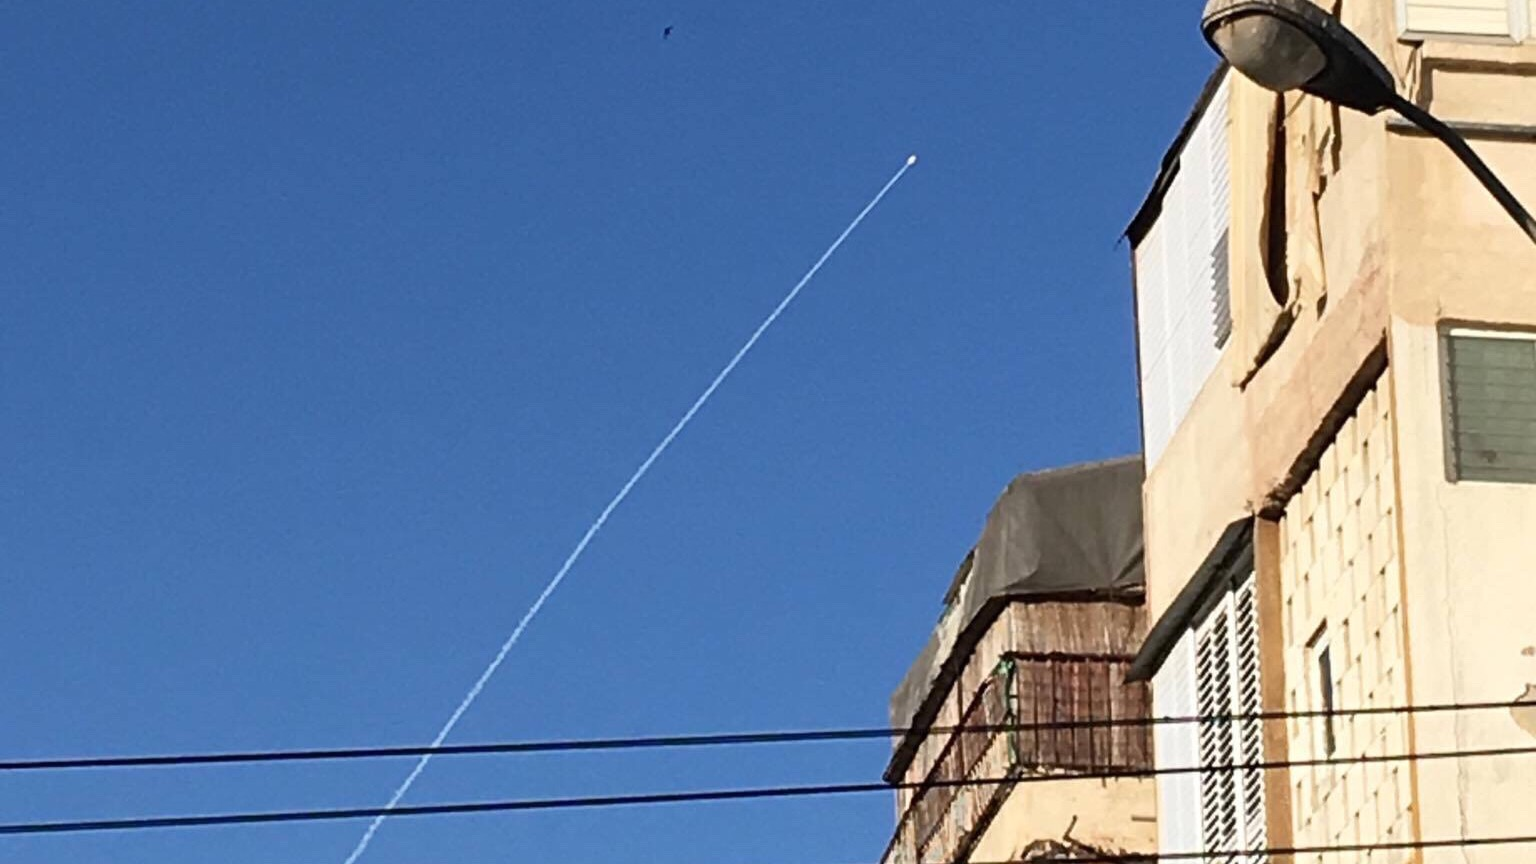 ניסוי בטיל חץ 3 בוטל לפני השיגור בגלל בעיית בטיחות